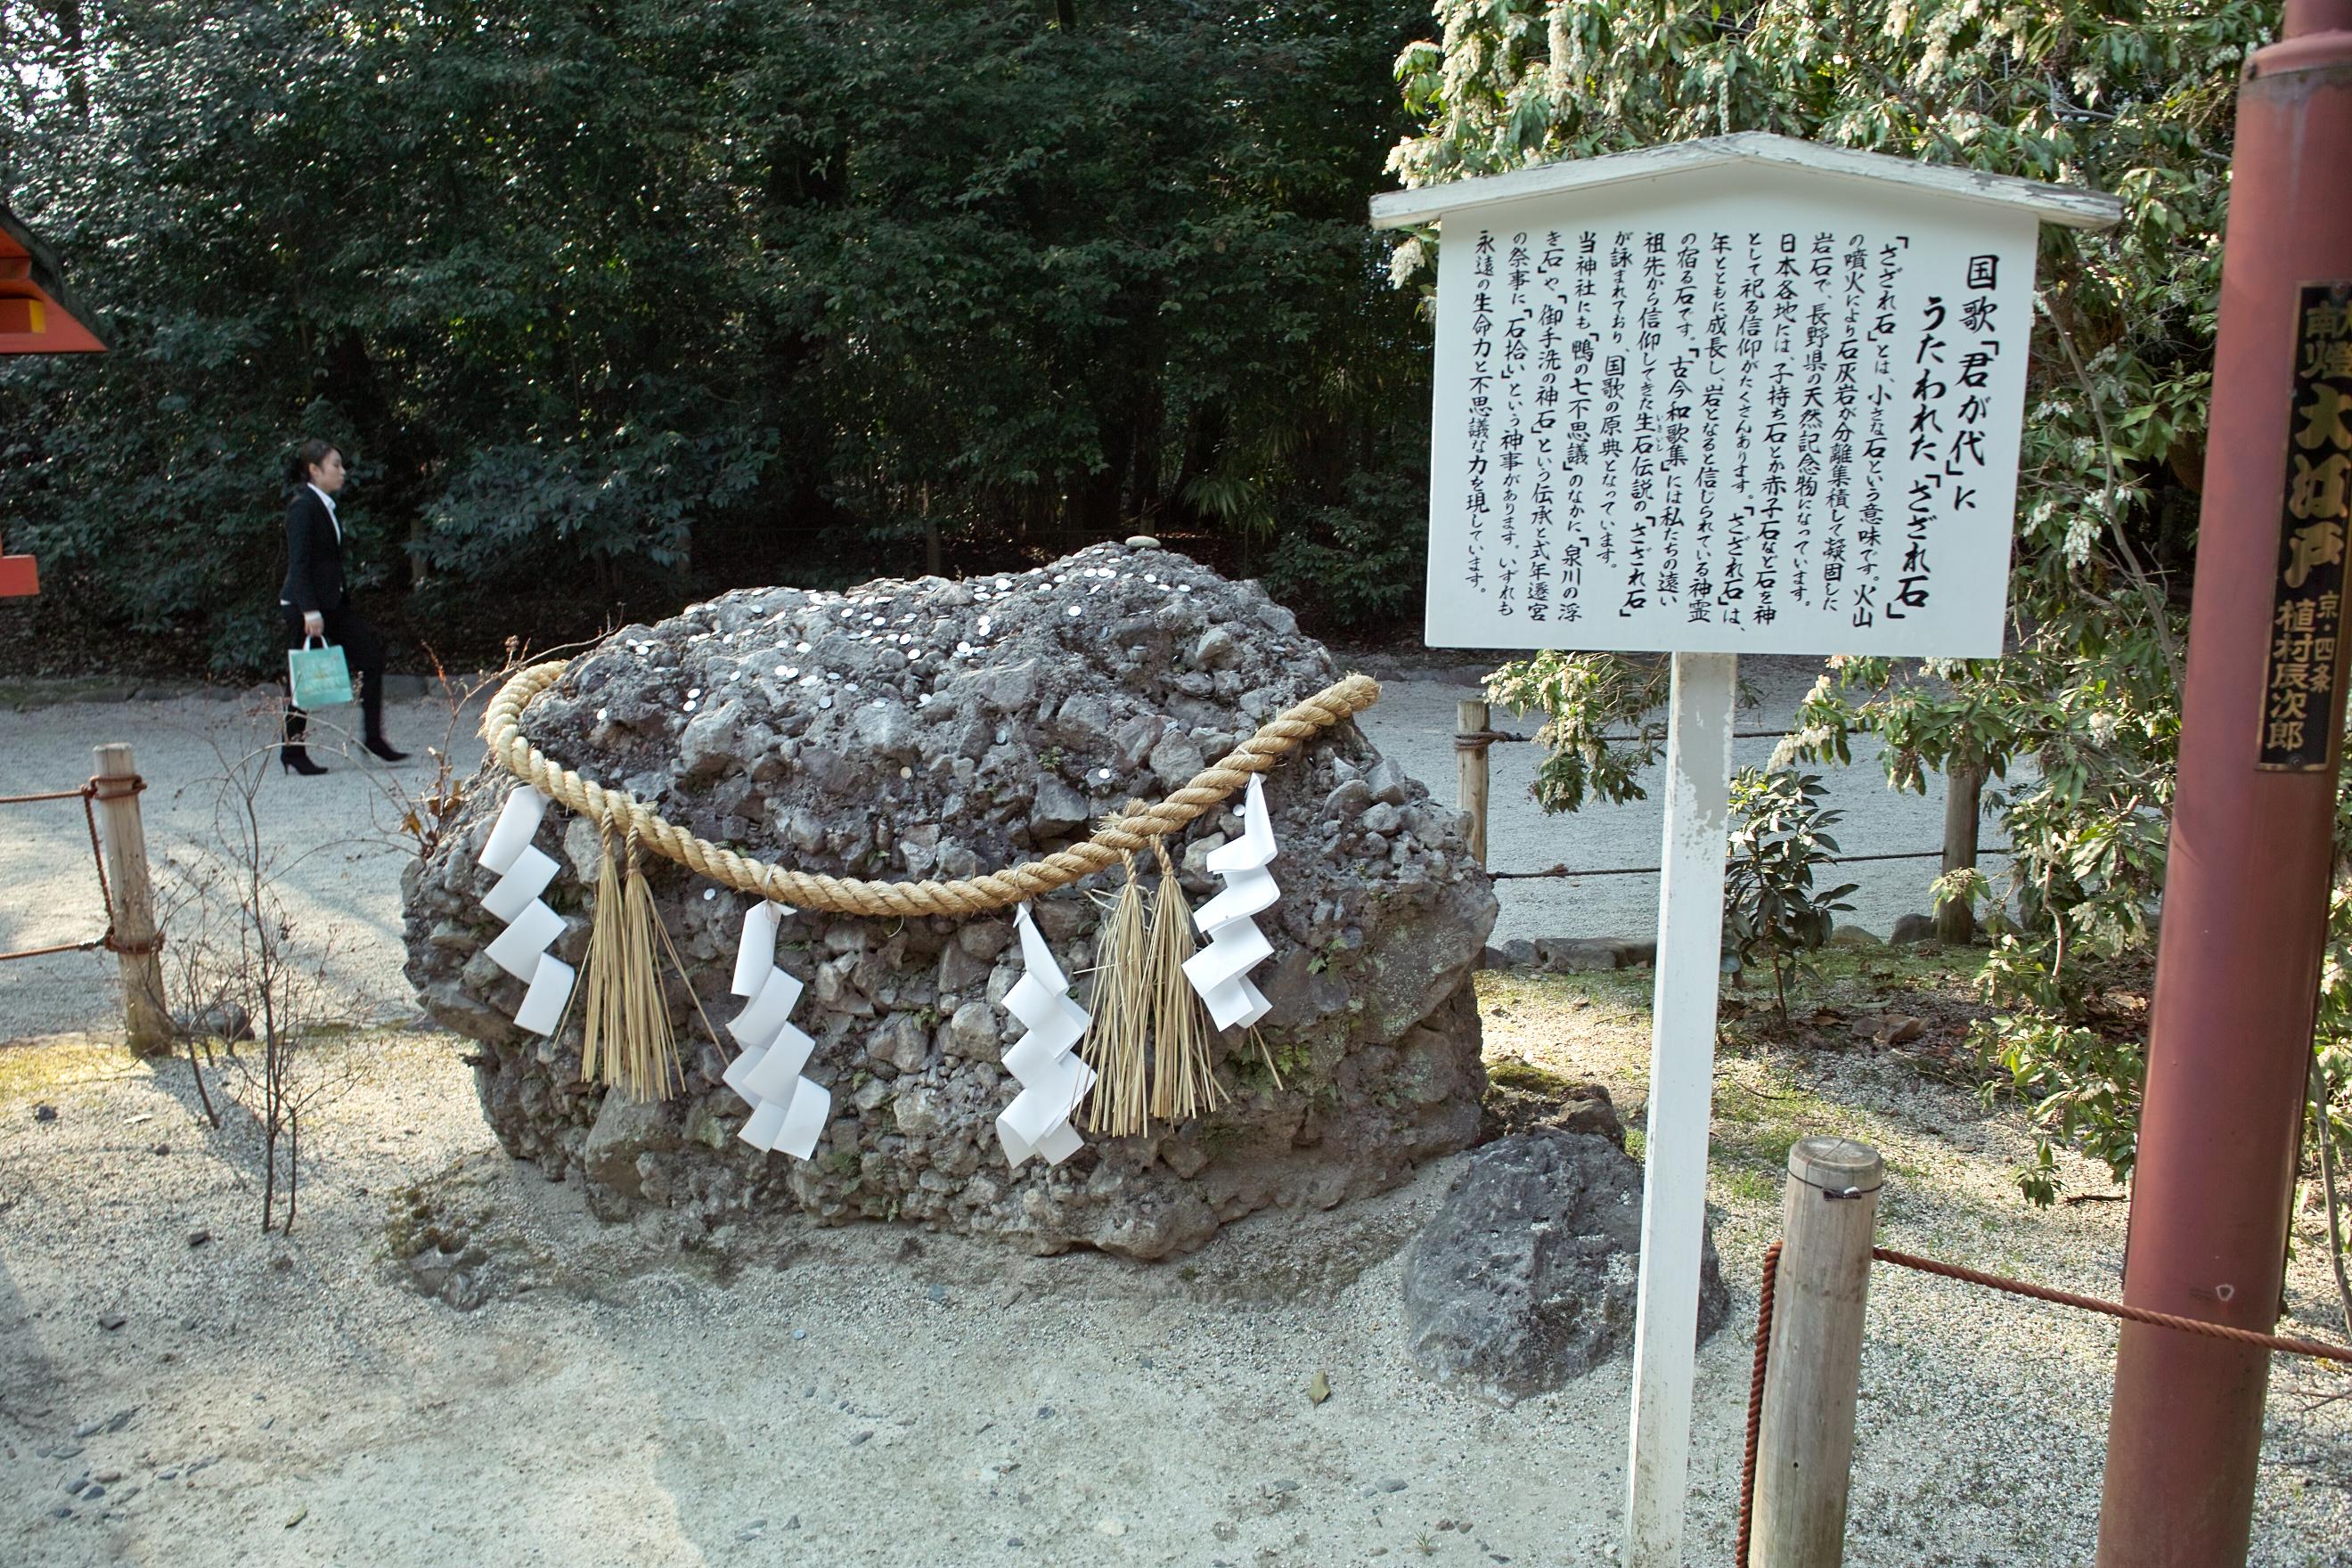 File:Sazare-ishi 2013.jpg - Wikimedia Commons